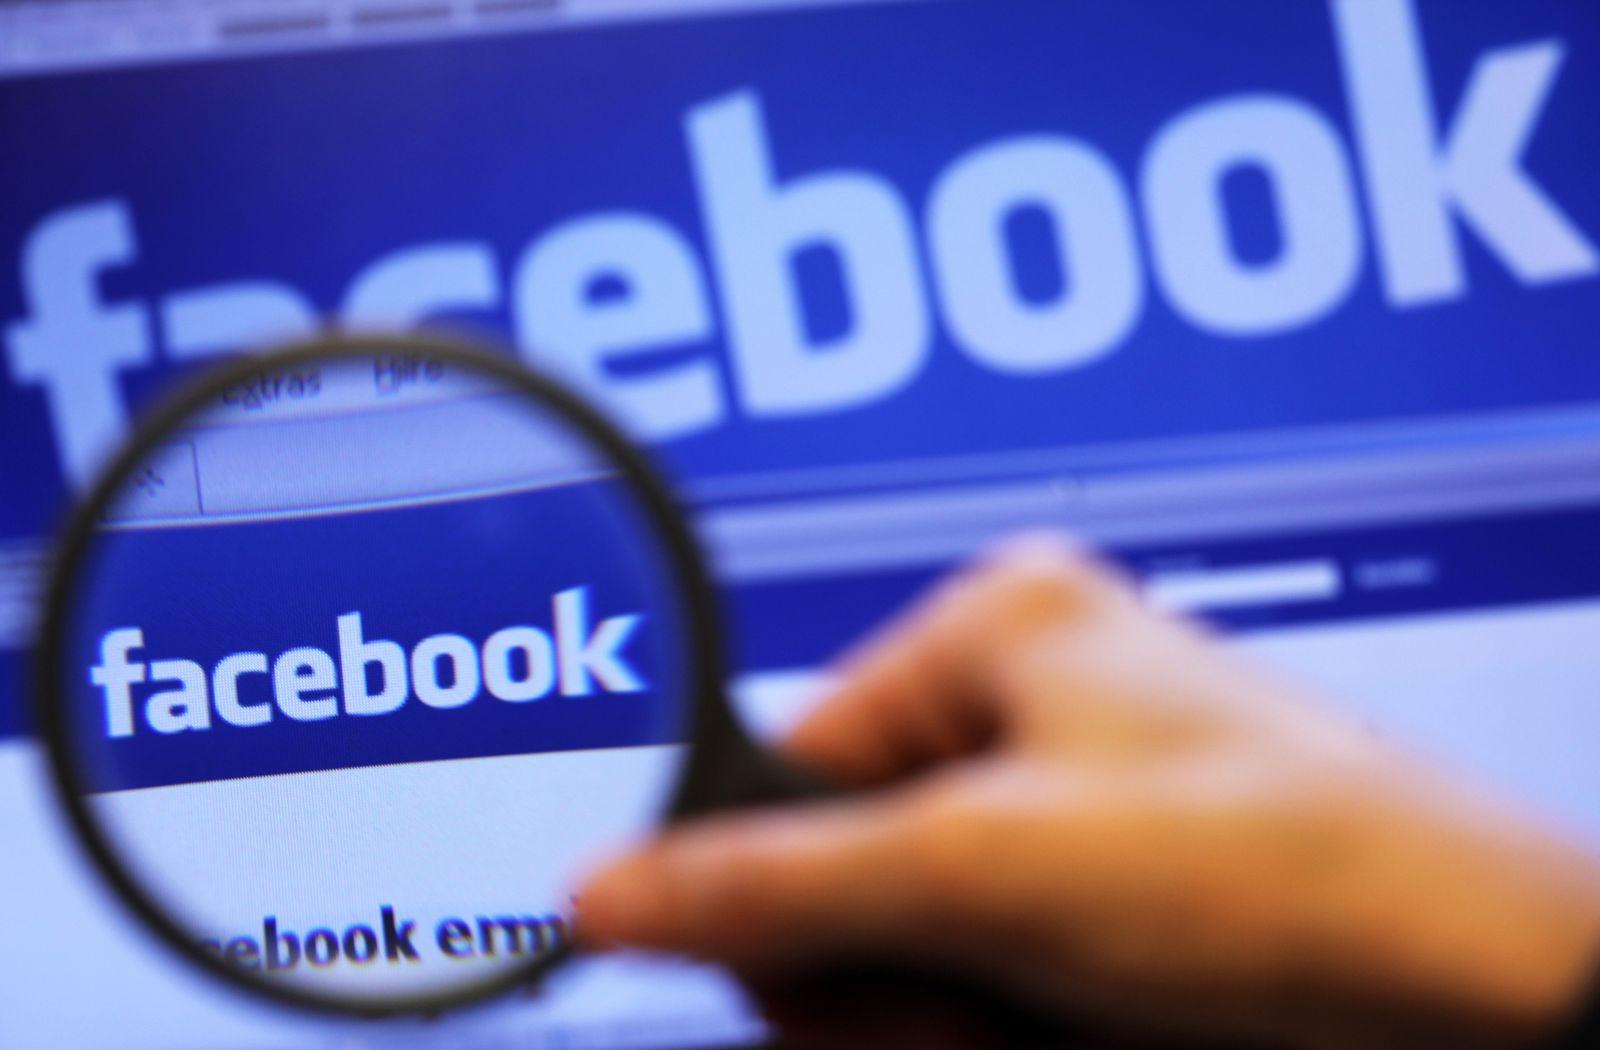 Verbraucherzentrale verklagt Internetriesen Facebook